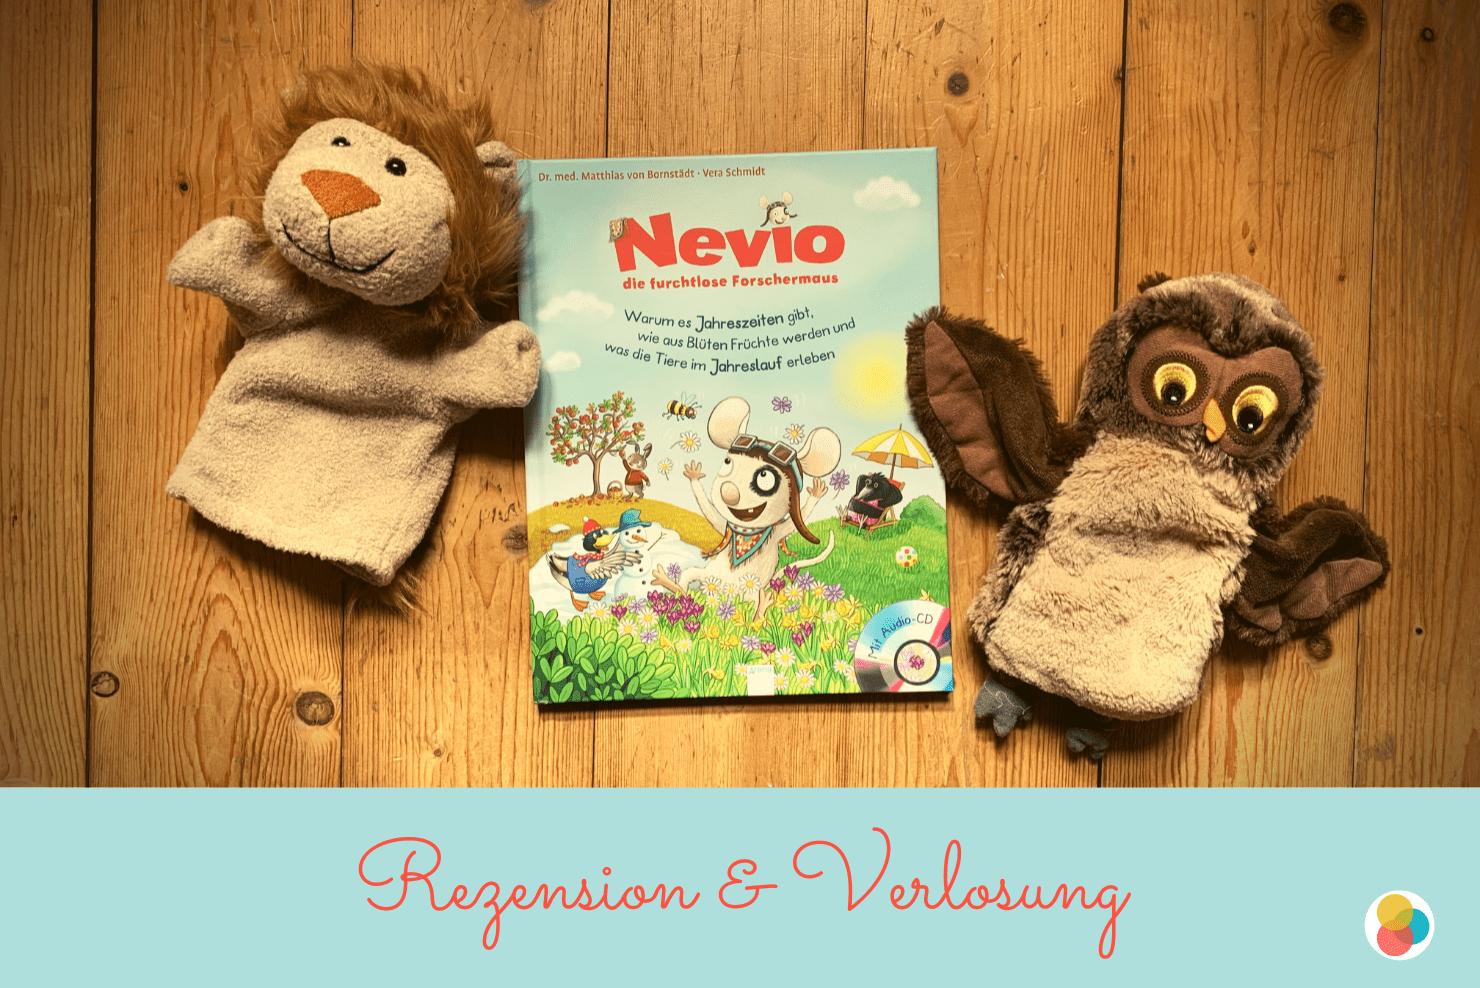 Kinderbuch Nevio die furchtlose Forschermaus